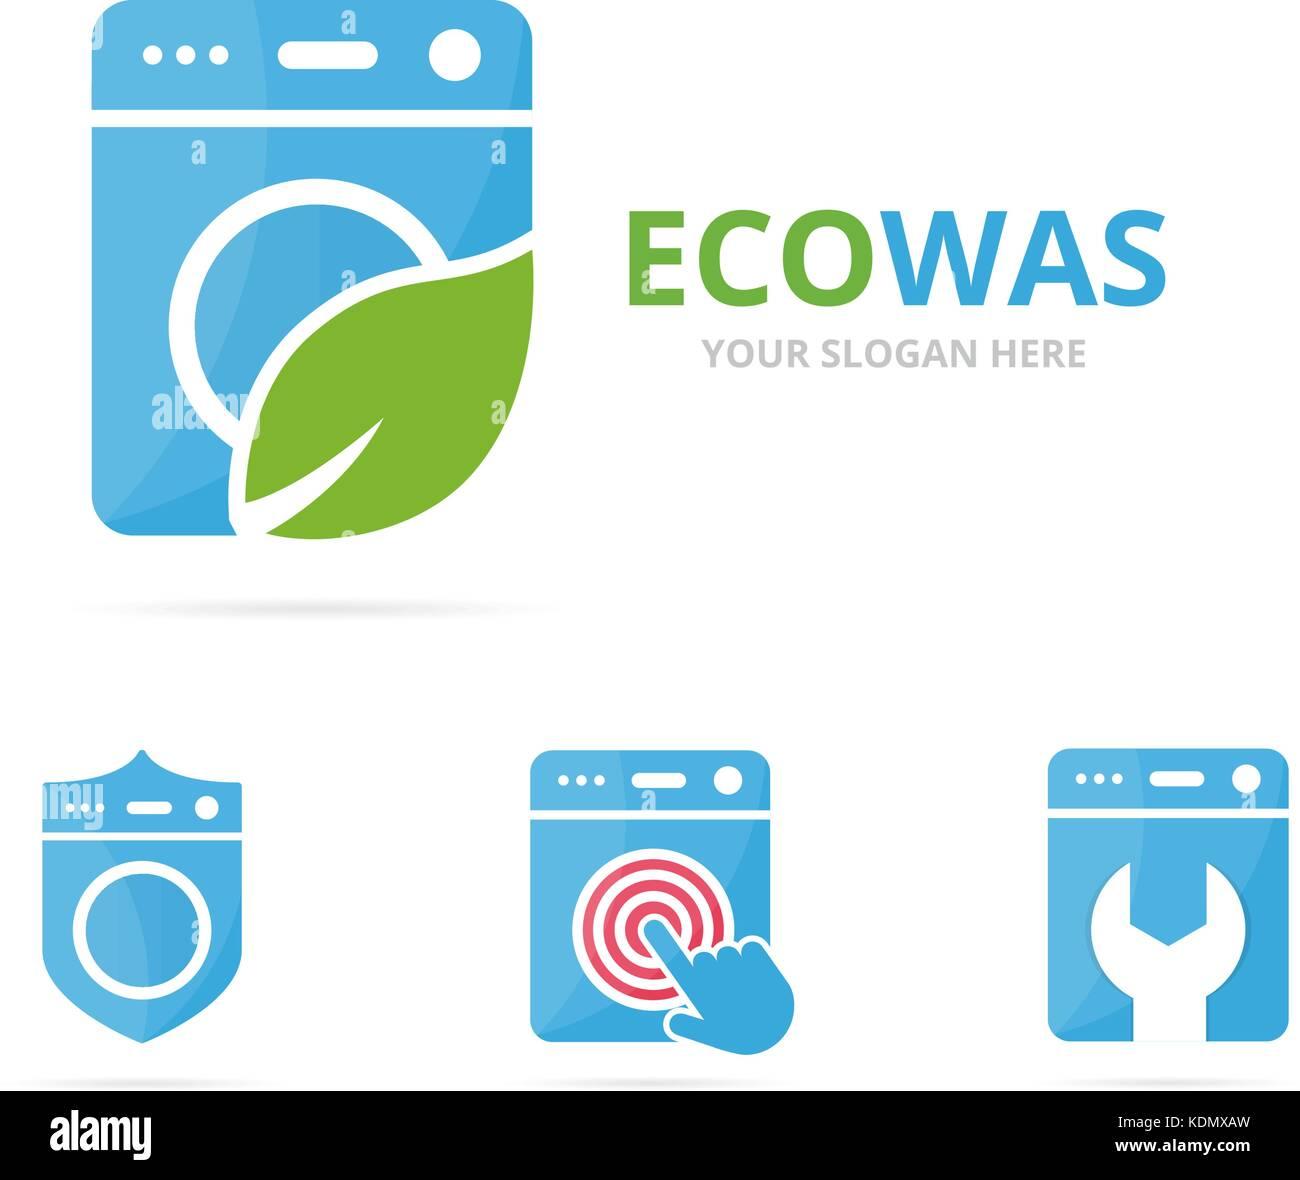 Washing machine logo stock photos washing machine logo stock set of laundry logo combination washing machine and eco symbol or icon unique washer buycottarizona Gallery